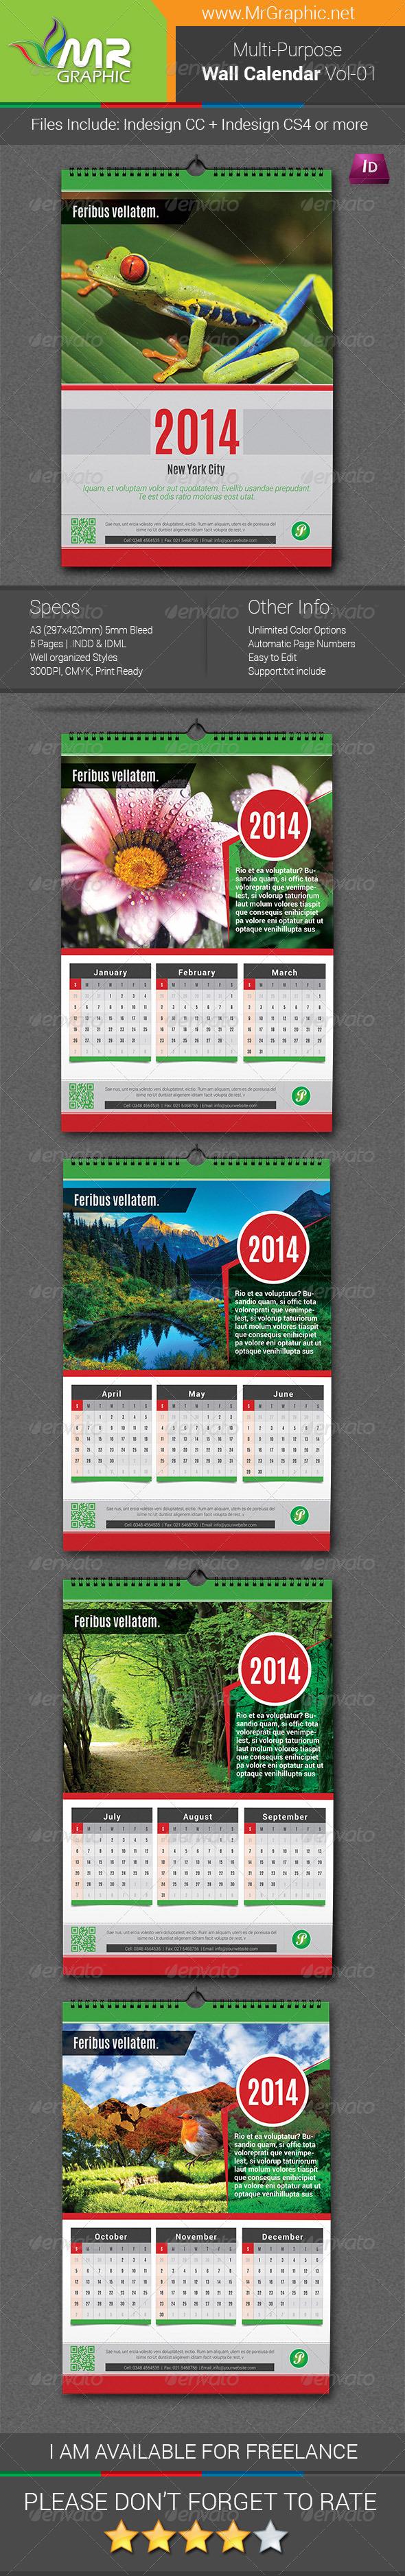 Wall Calendar Vol-1